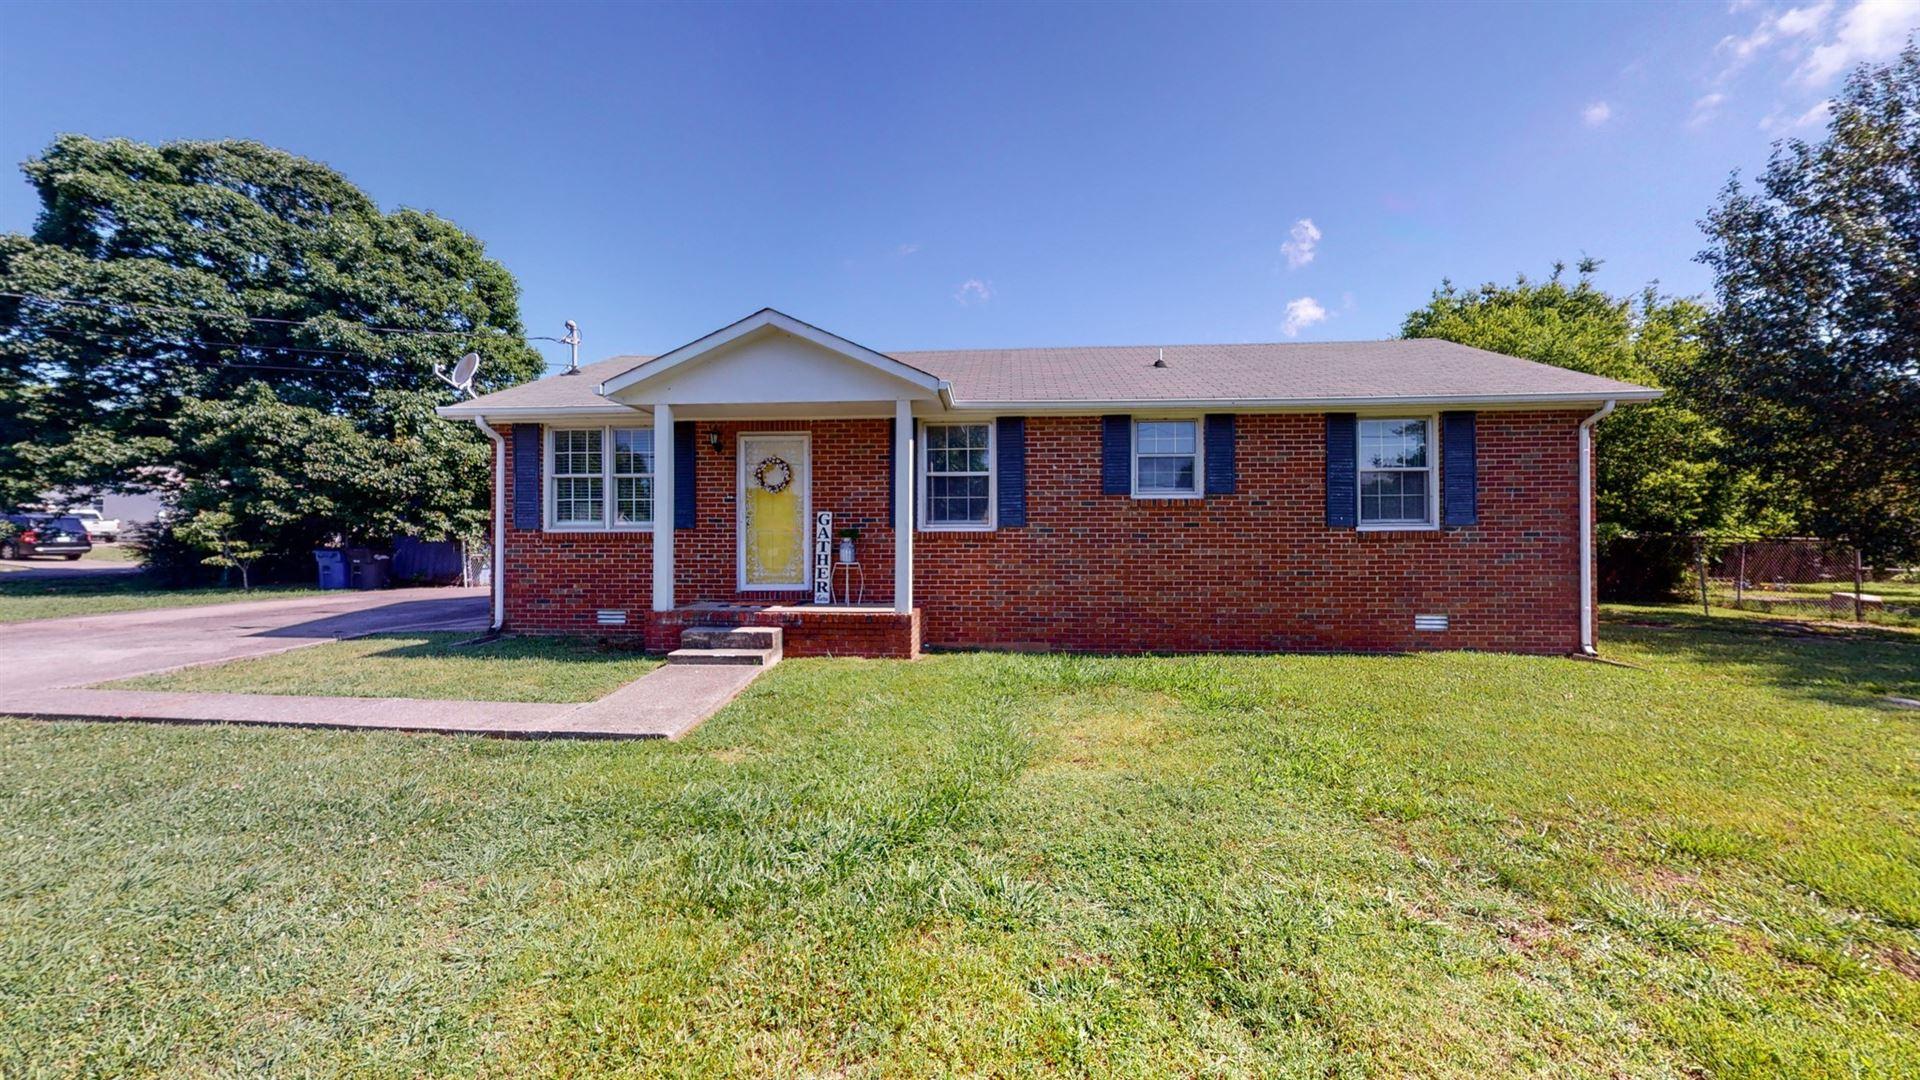 6950 Cooks Ave, Murfreesboro, TN 37129 - MLS#: 2274876